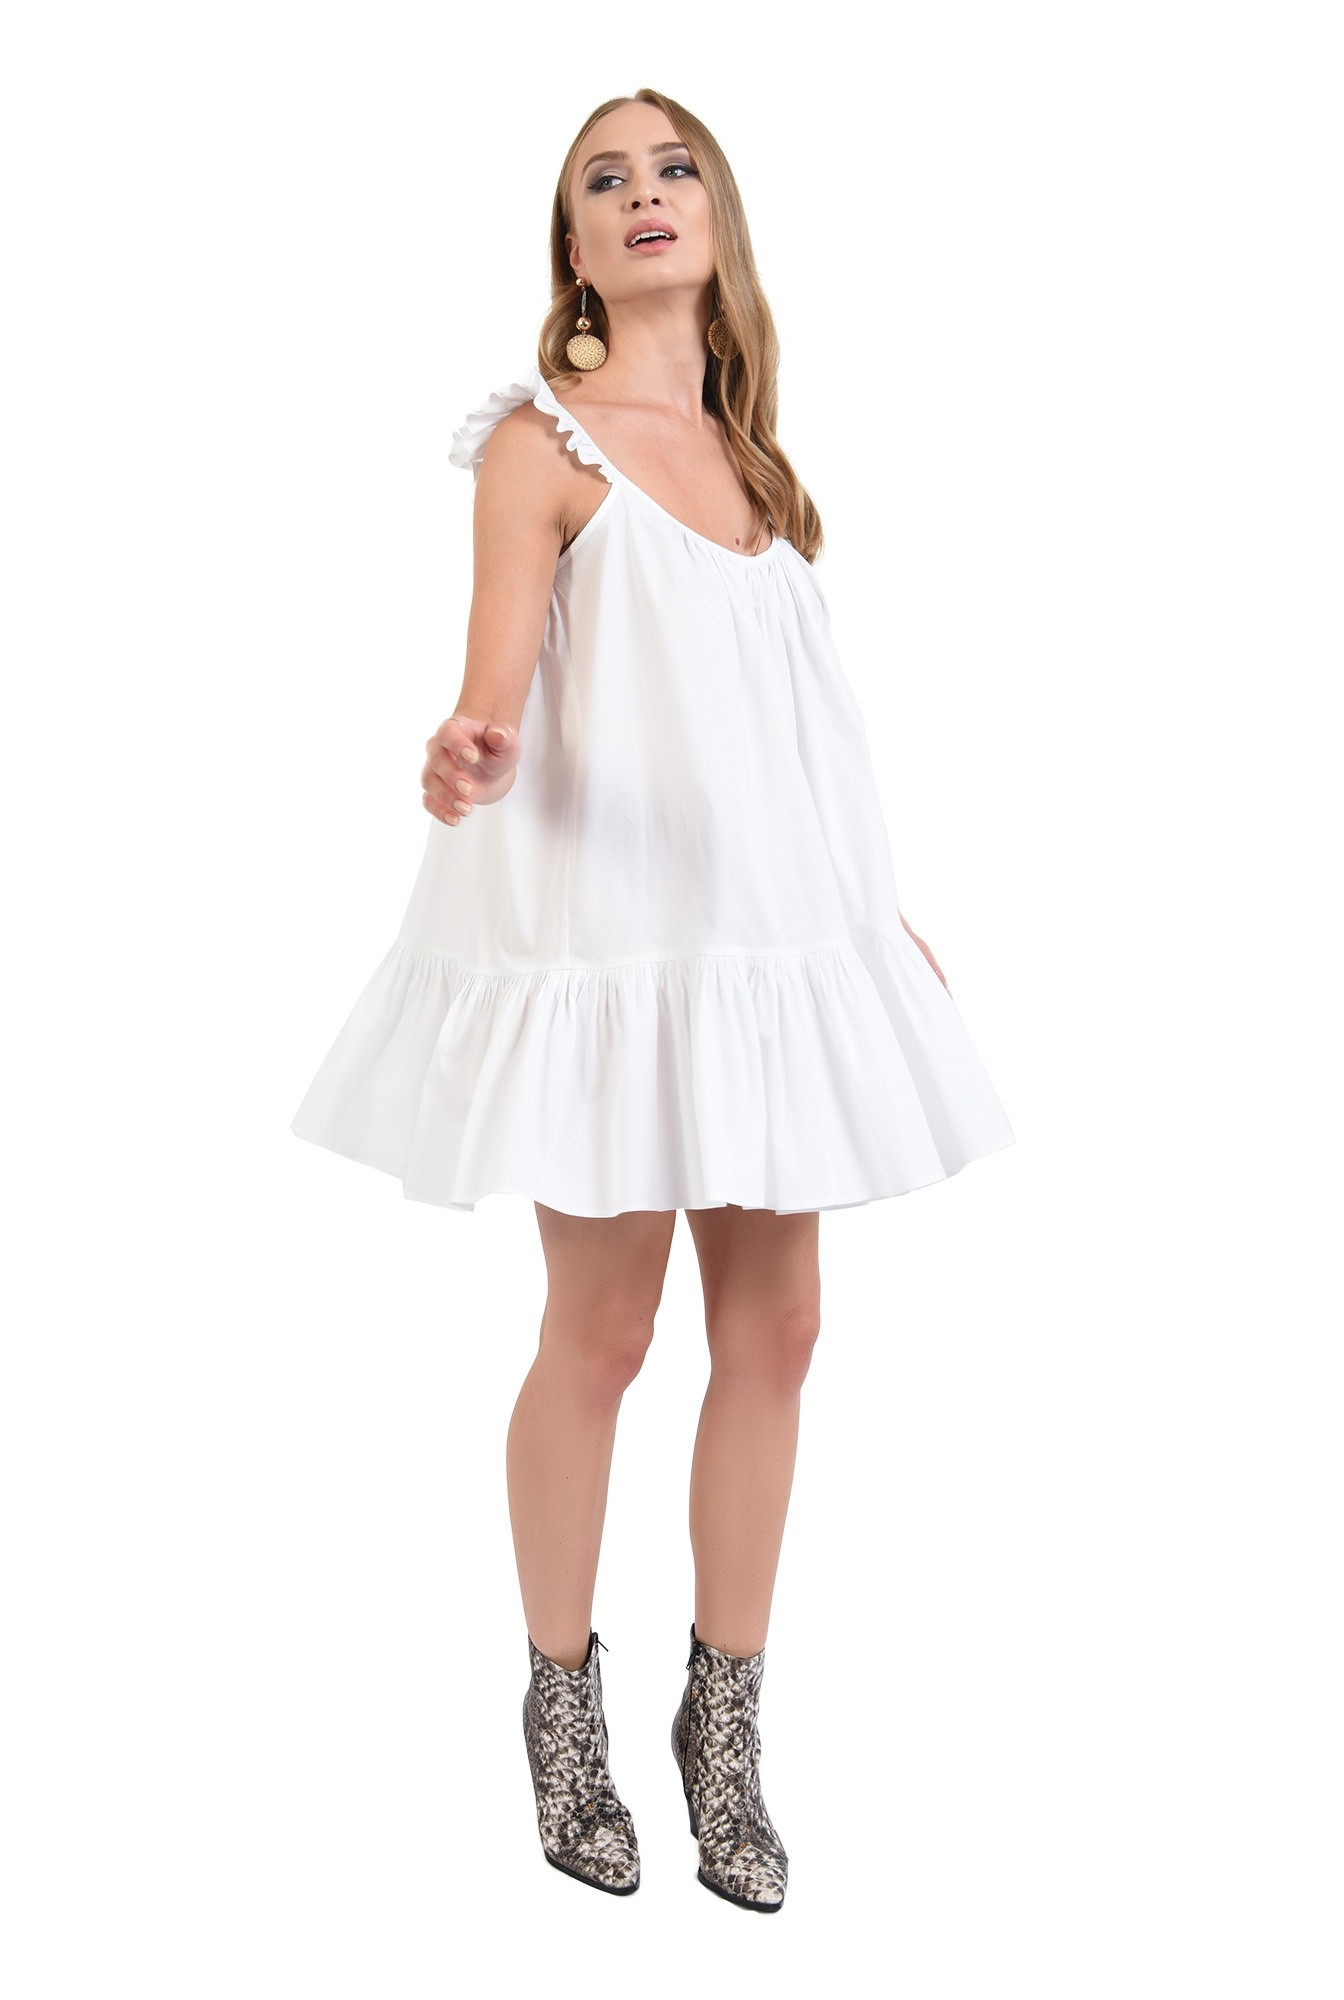 3 - 360 - rochie de vara, alba, cu volan, cu bretele, mini, Poema